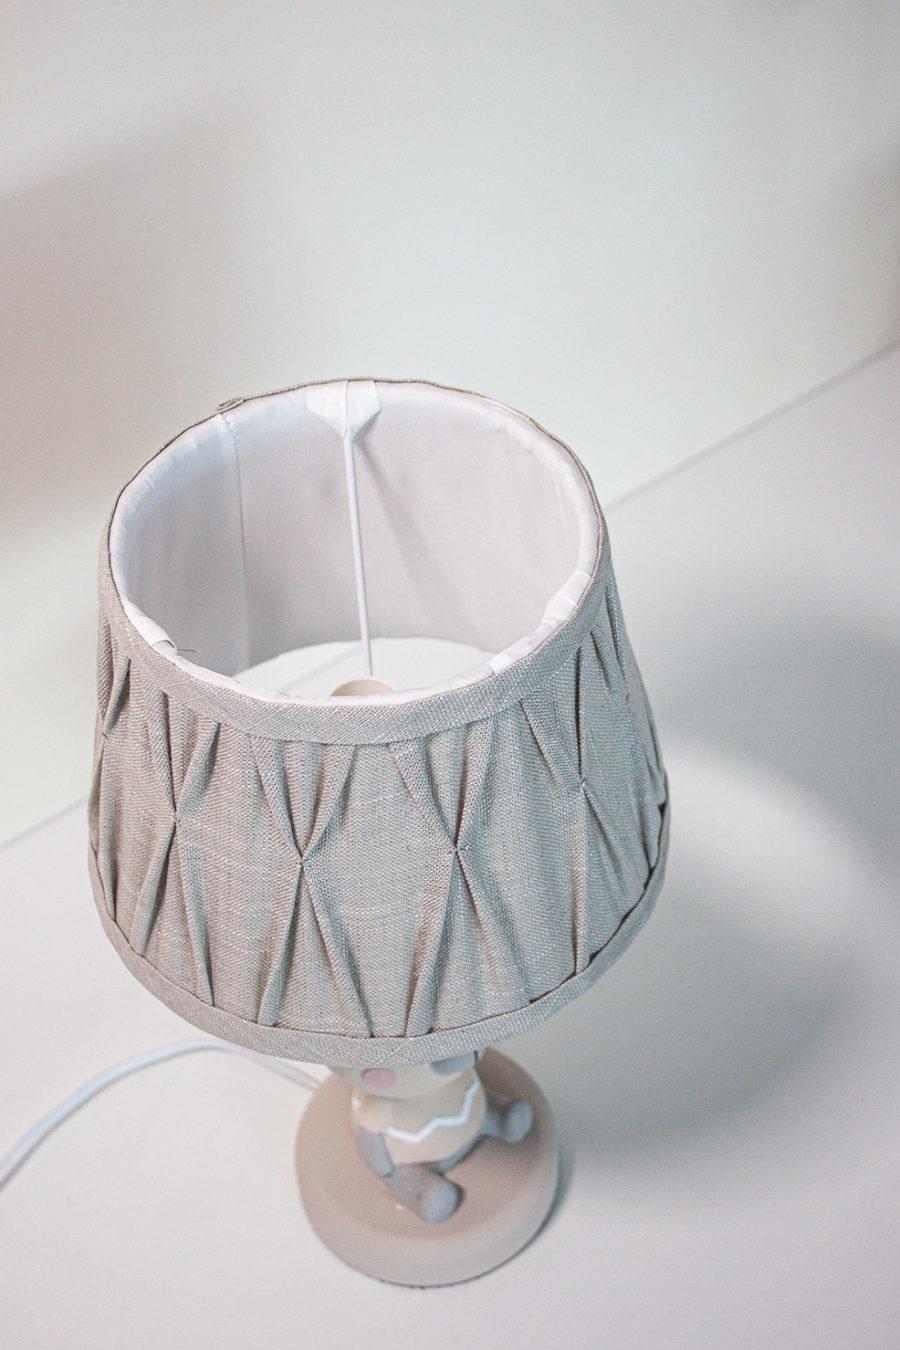 lampada da tavolo con orsetto paralume in stoffa fiocco bianco, colore beige in stile shabby